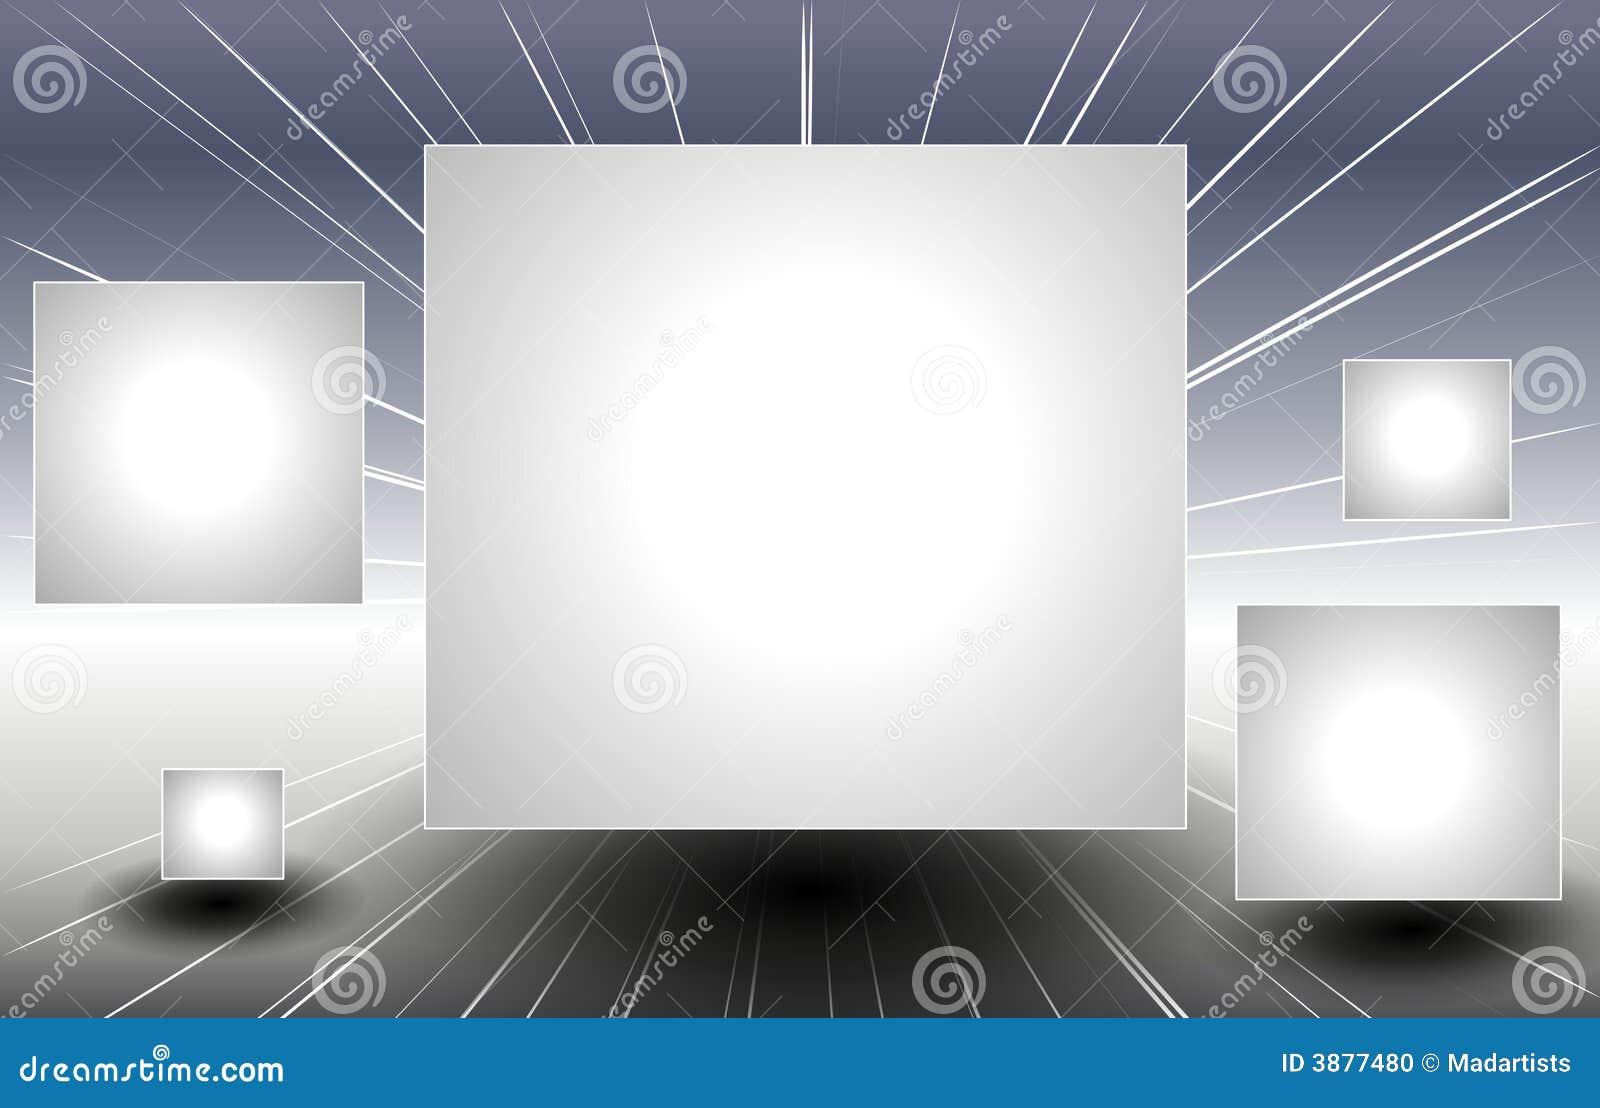 Il quadrato d argento riveste il volo di pannelli attraverso spazio